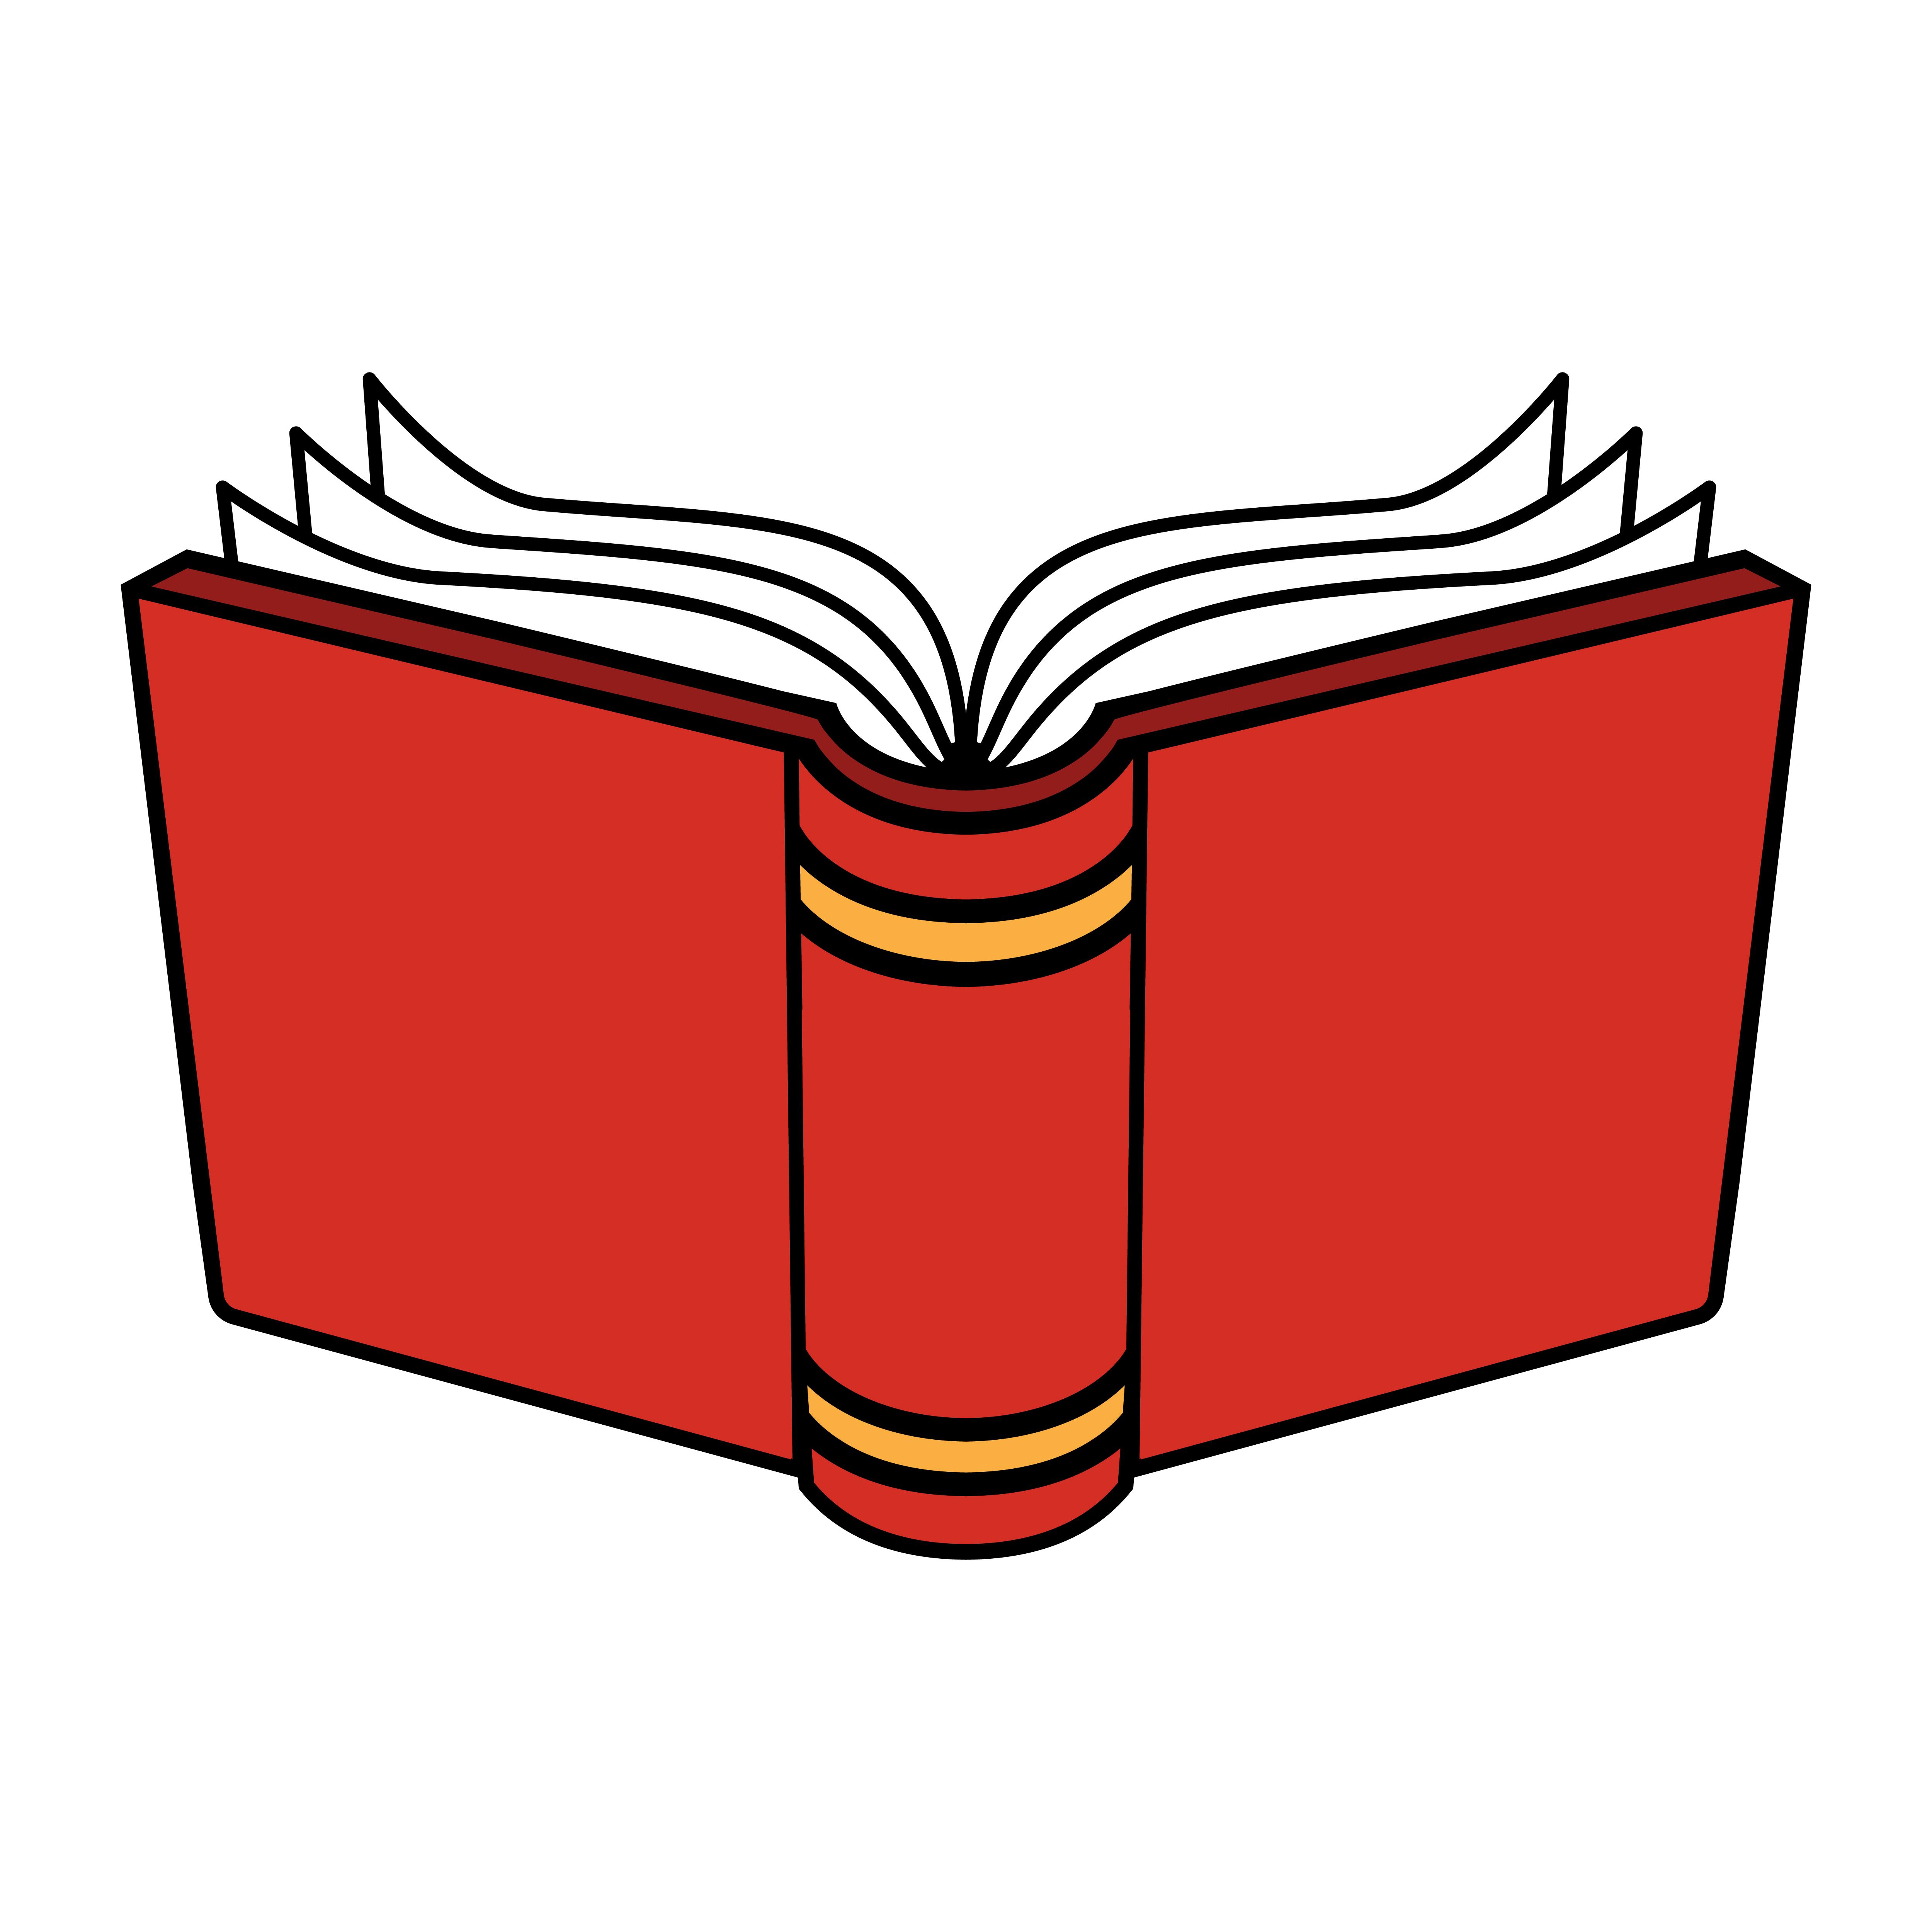 Buch Clip Art